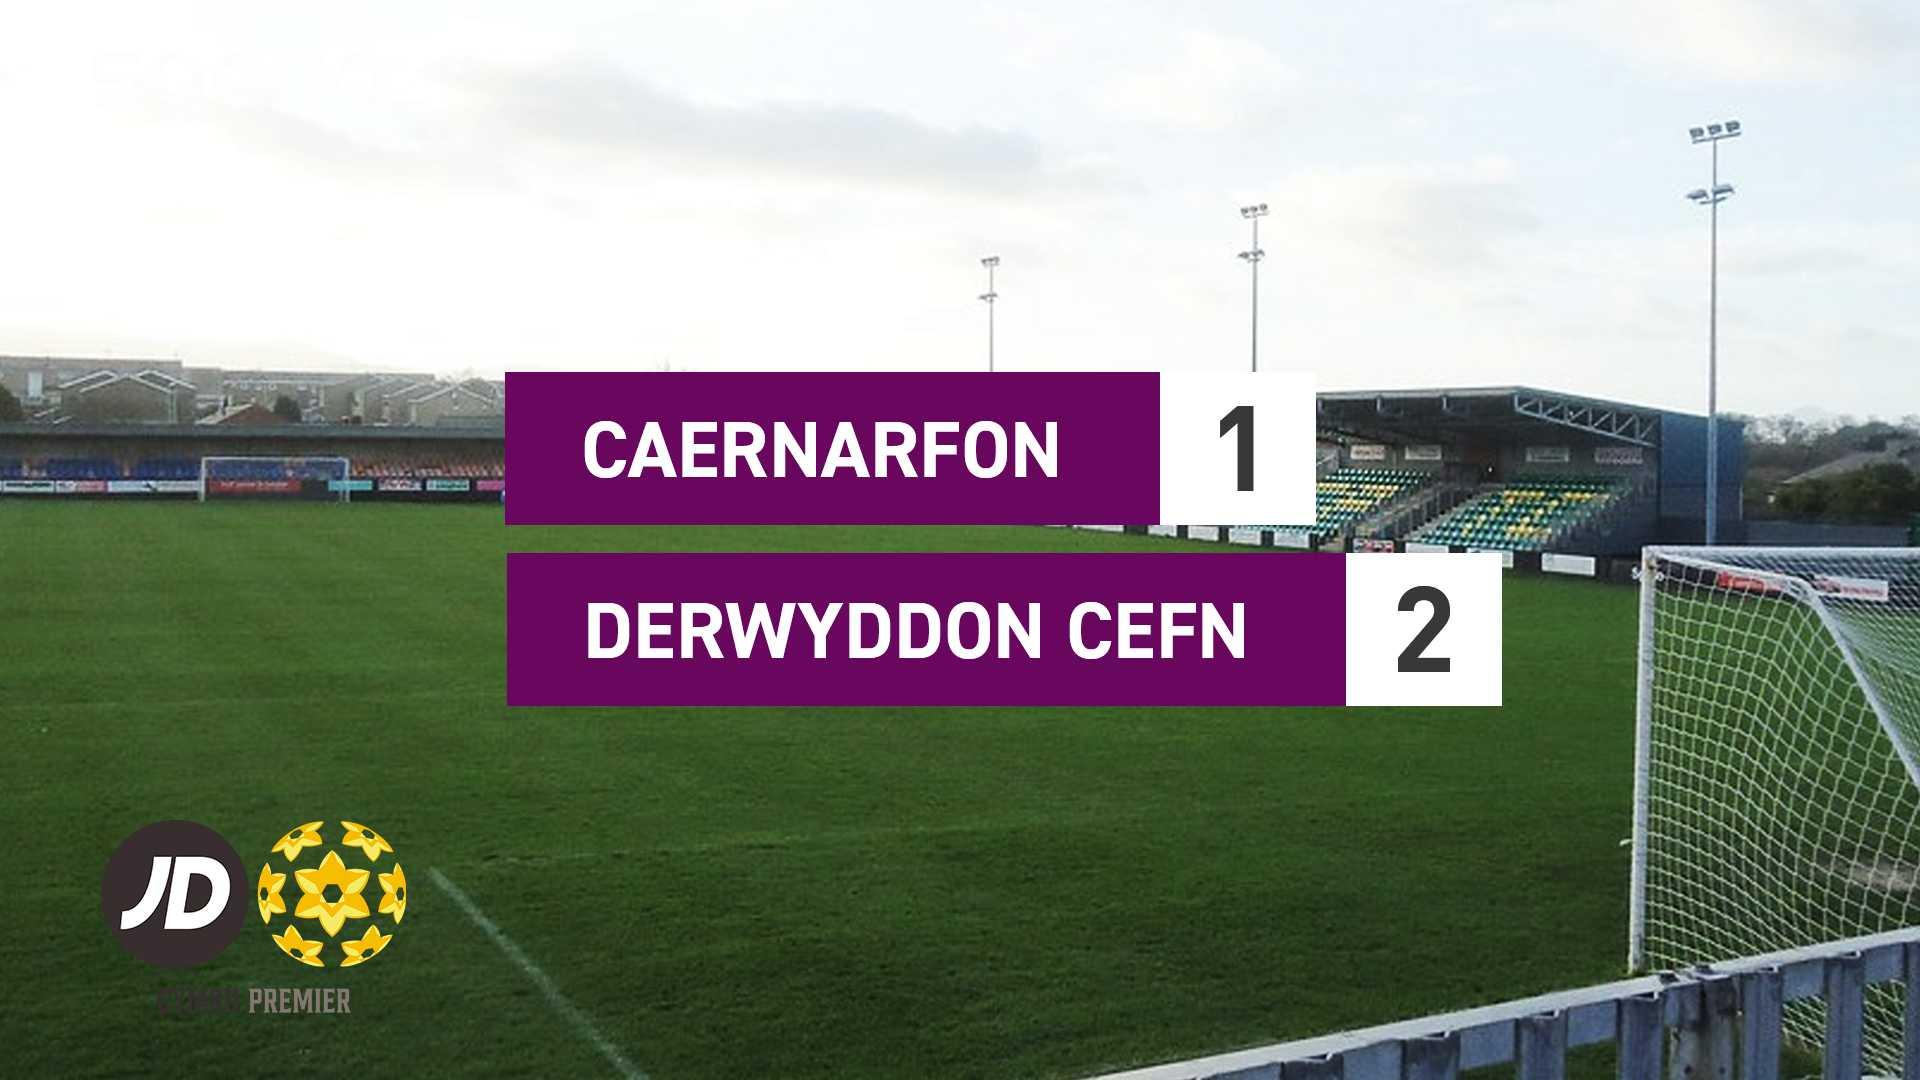 Caernarfon 1-2 Derwyddon Cefn